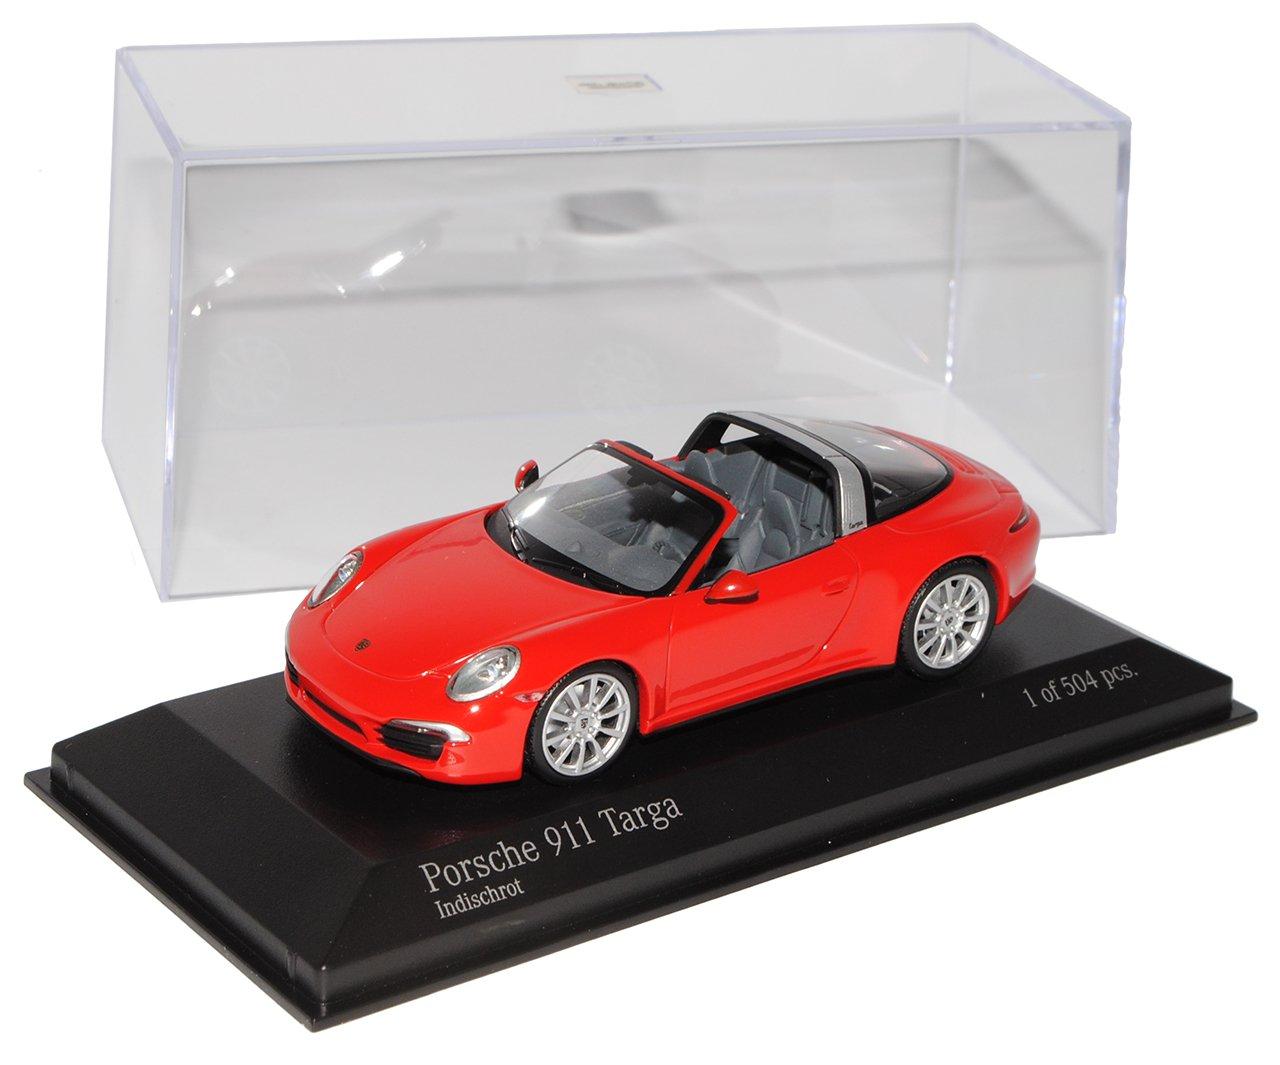 Minichamps Porsche 911 991 Targa Cabrio Rot Ab 2012 1/43 Modell Auto mit individiuellem Wunschkennzeichen